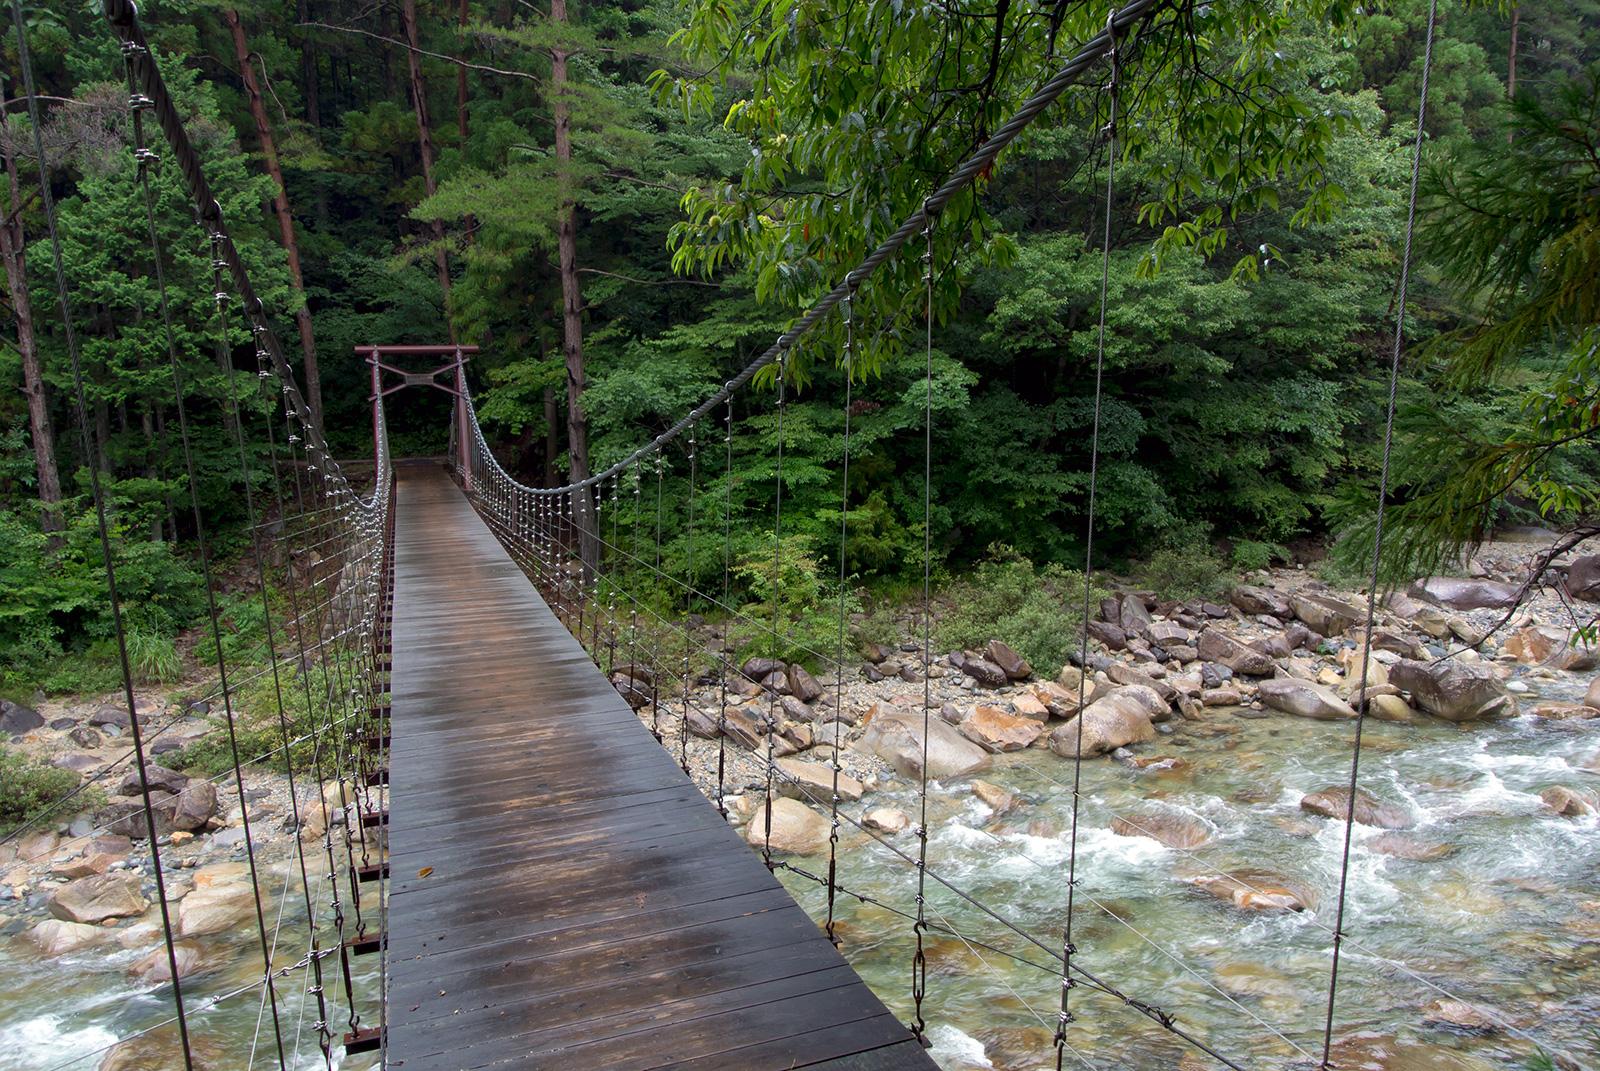 透明度の高い水が流れる柿其渓谷にかかるレトロな趣の吊橋 - -木曾郡南木曾町柿其渓谷- -